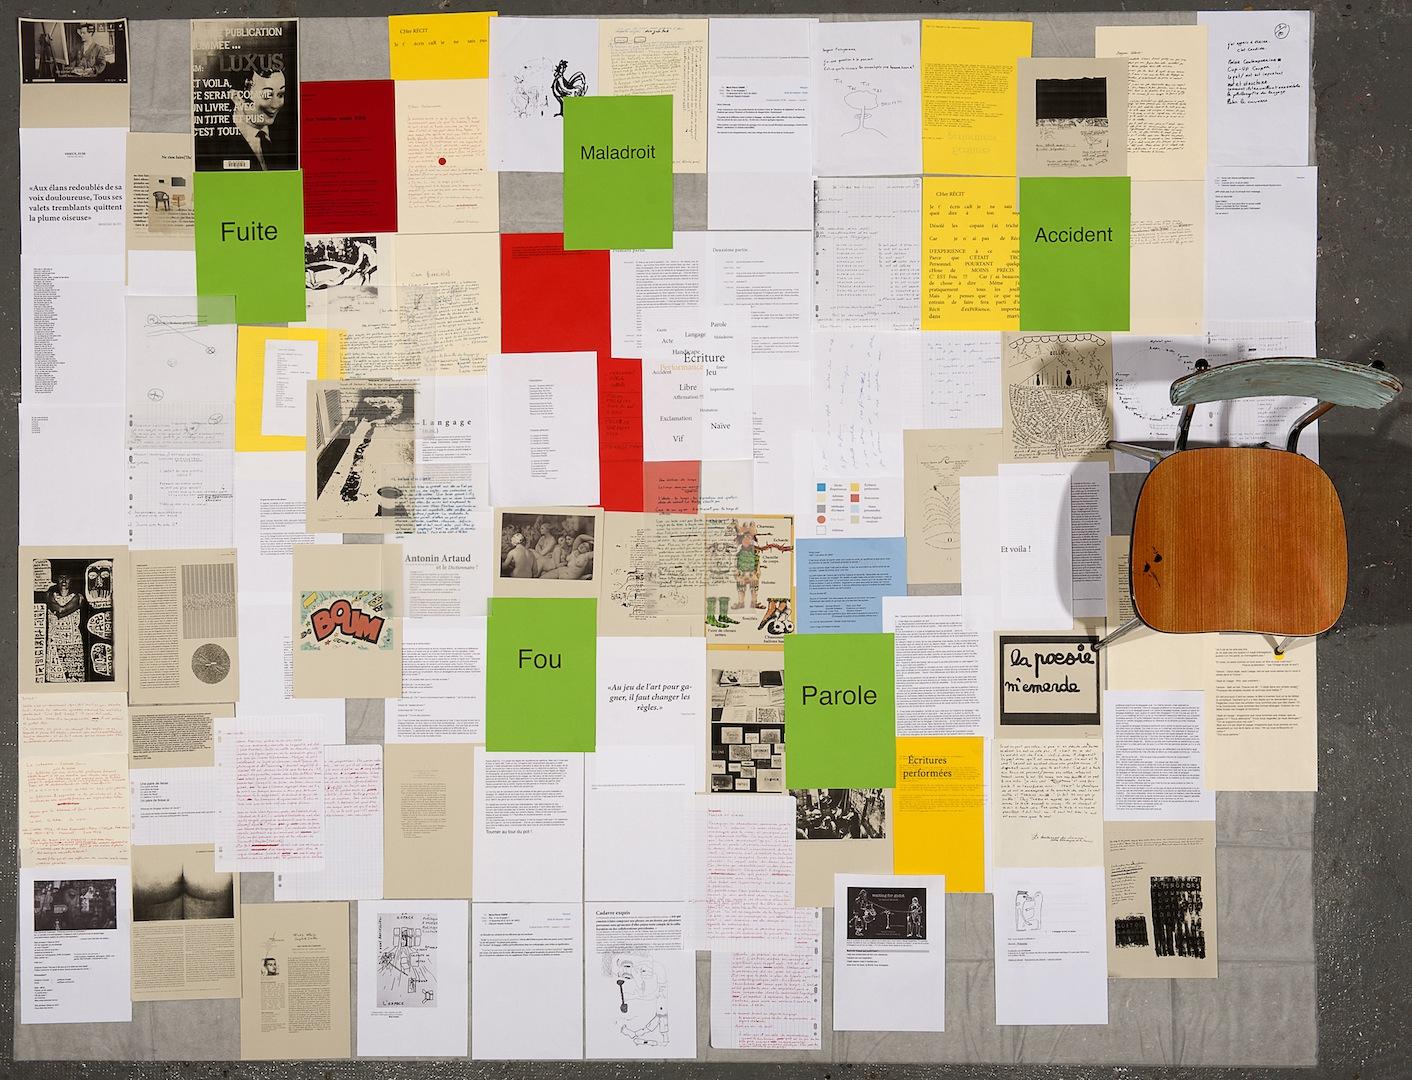 photographie plan memoire 5ème année DNSEP master 2 école d'art d'aix-en-provence deborah repetto andipatin